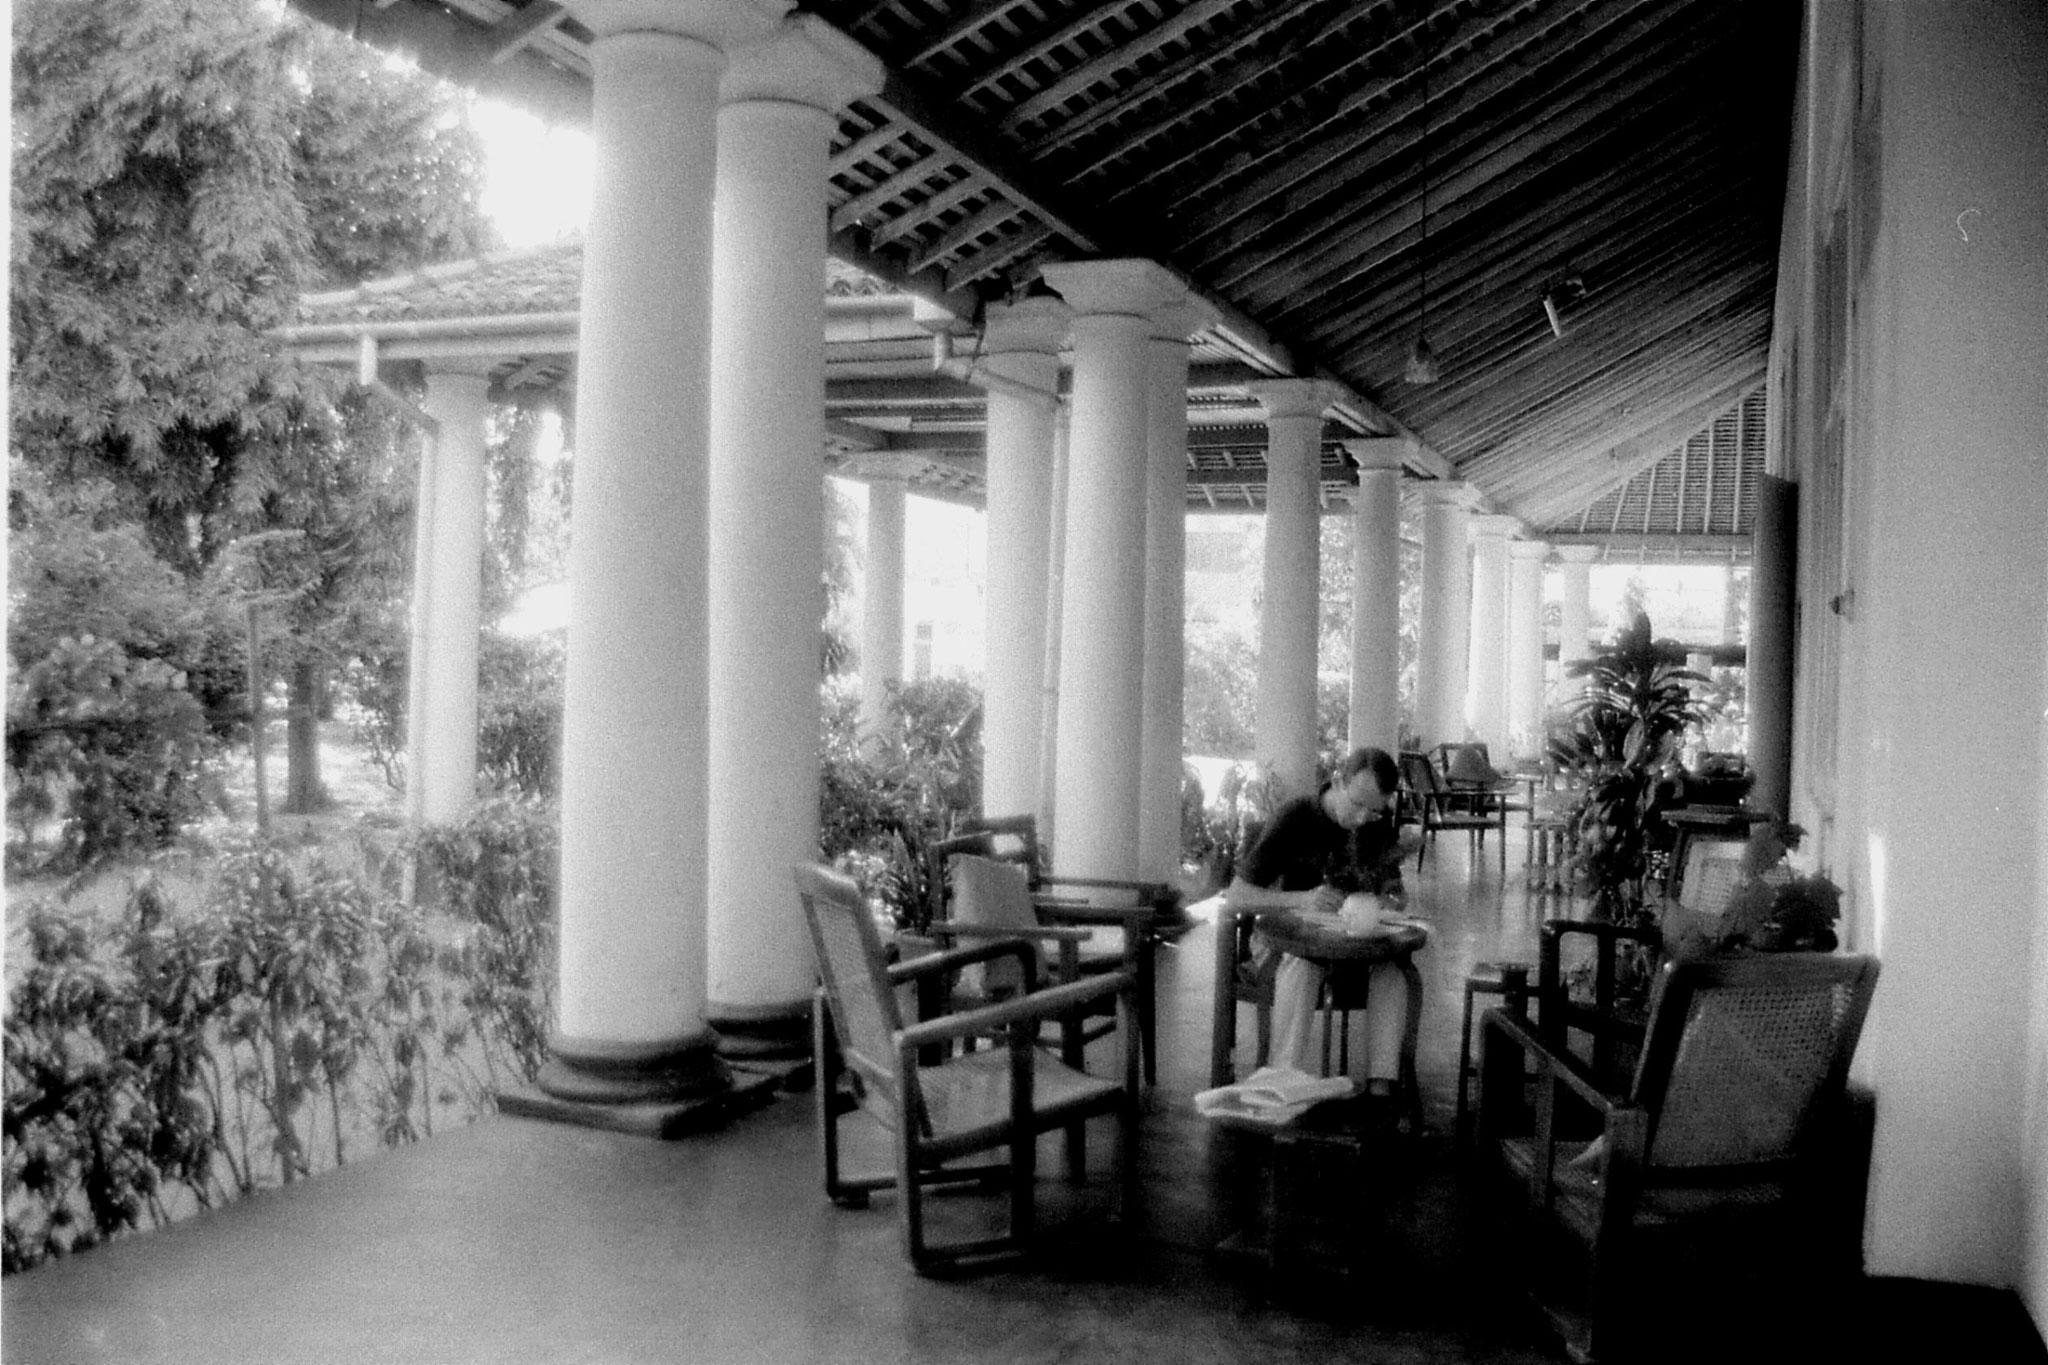 21/1/90:29: Colombo YWCA